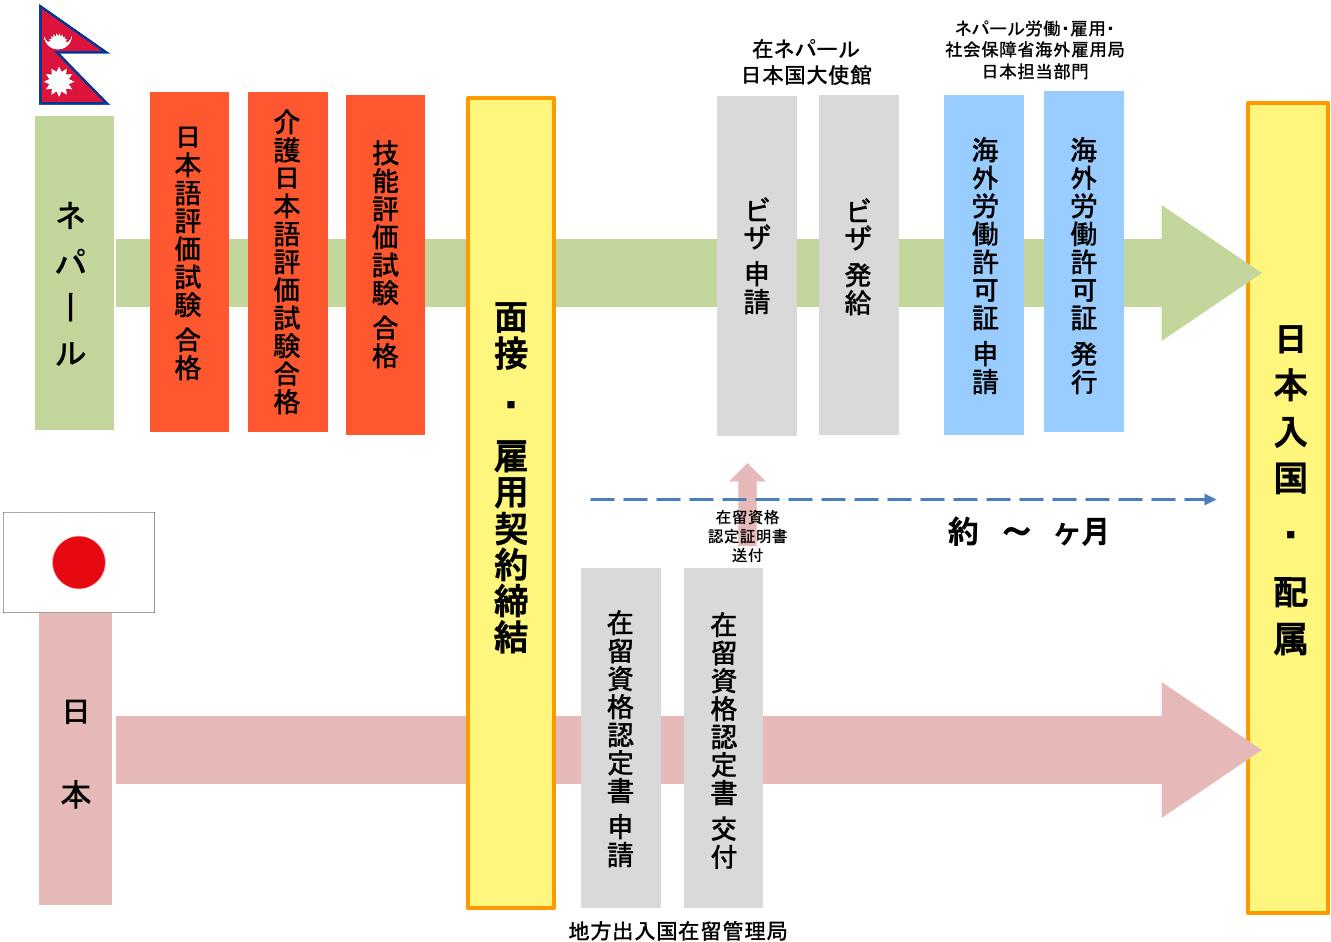 特定技能1号 入国までの流れ(介護職種)概要